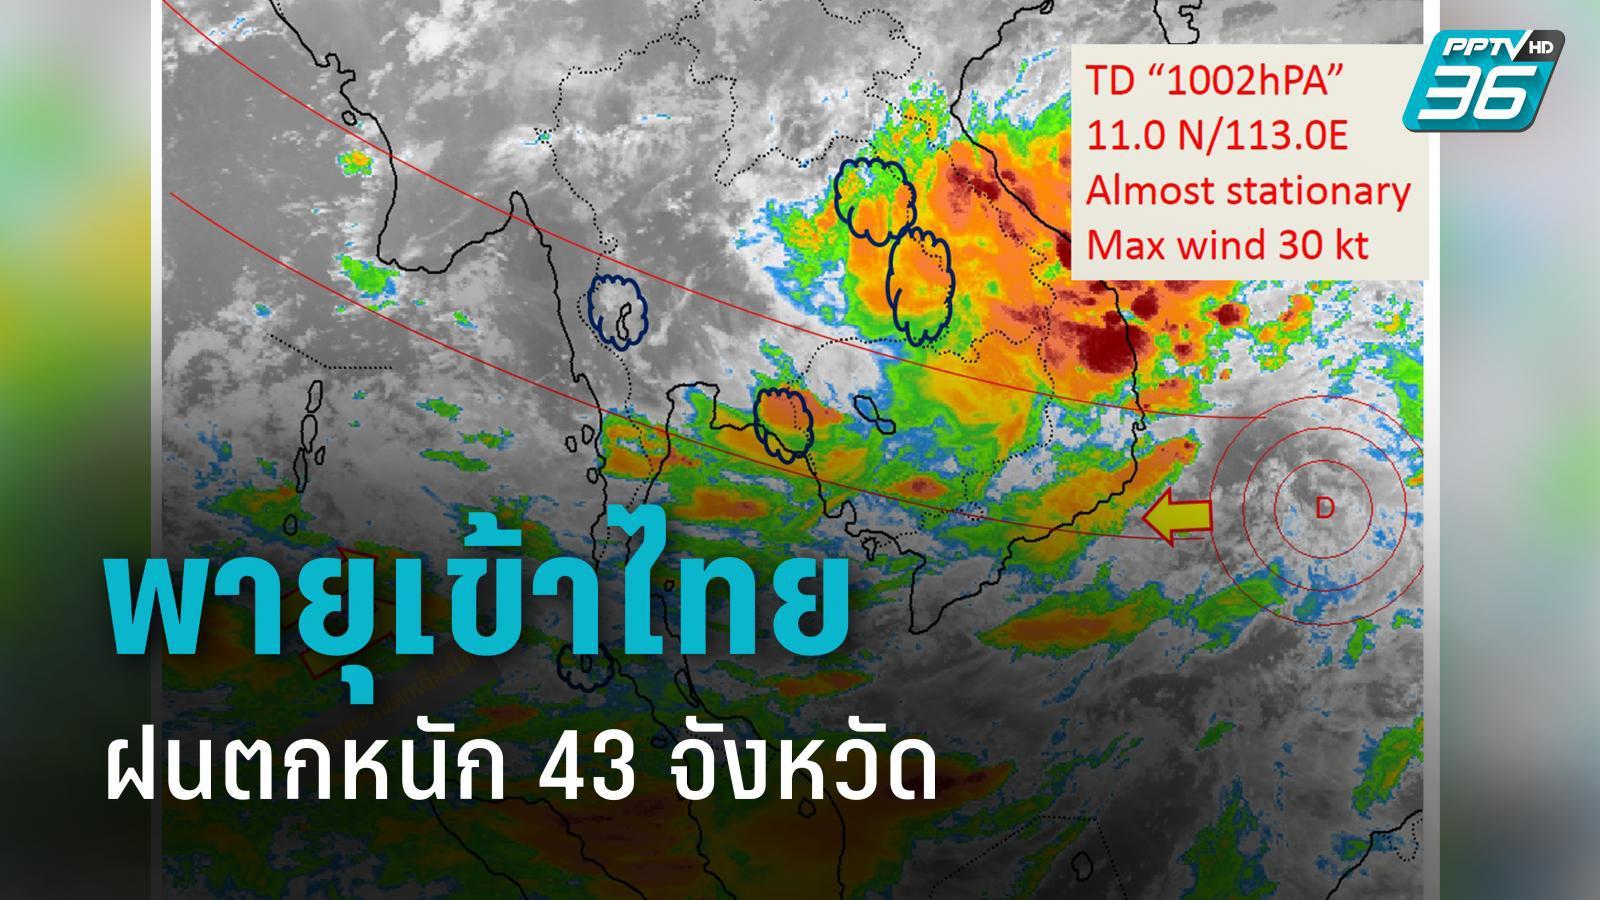 กรมอุตุฯ เตือน พายุดีเปรสชันลูกใหม่ เข้าไทย ฝนตกหนัก 7-9 ต.ค. งดเดินเรือ